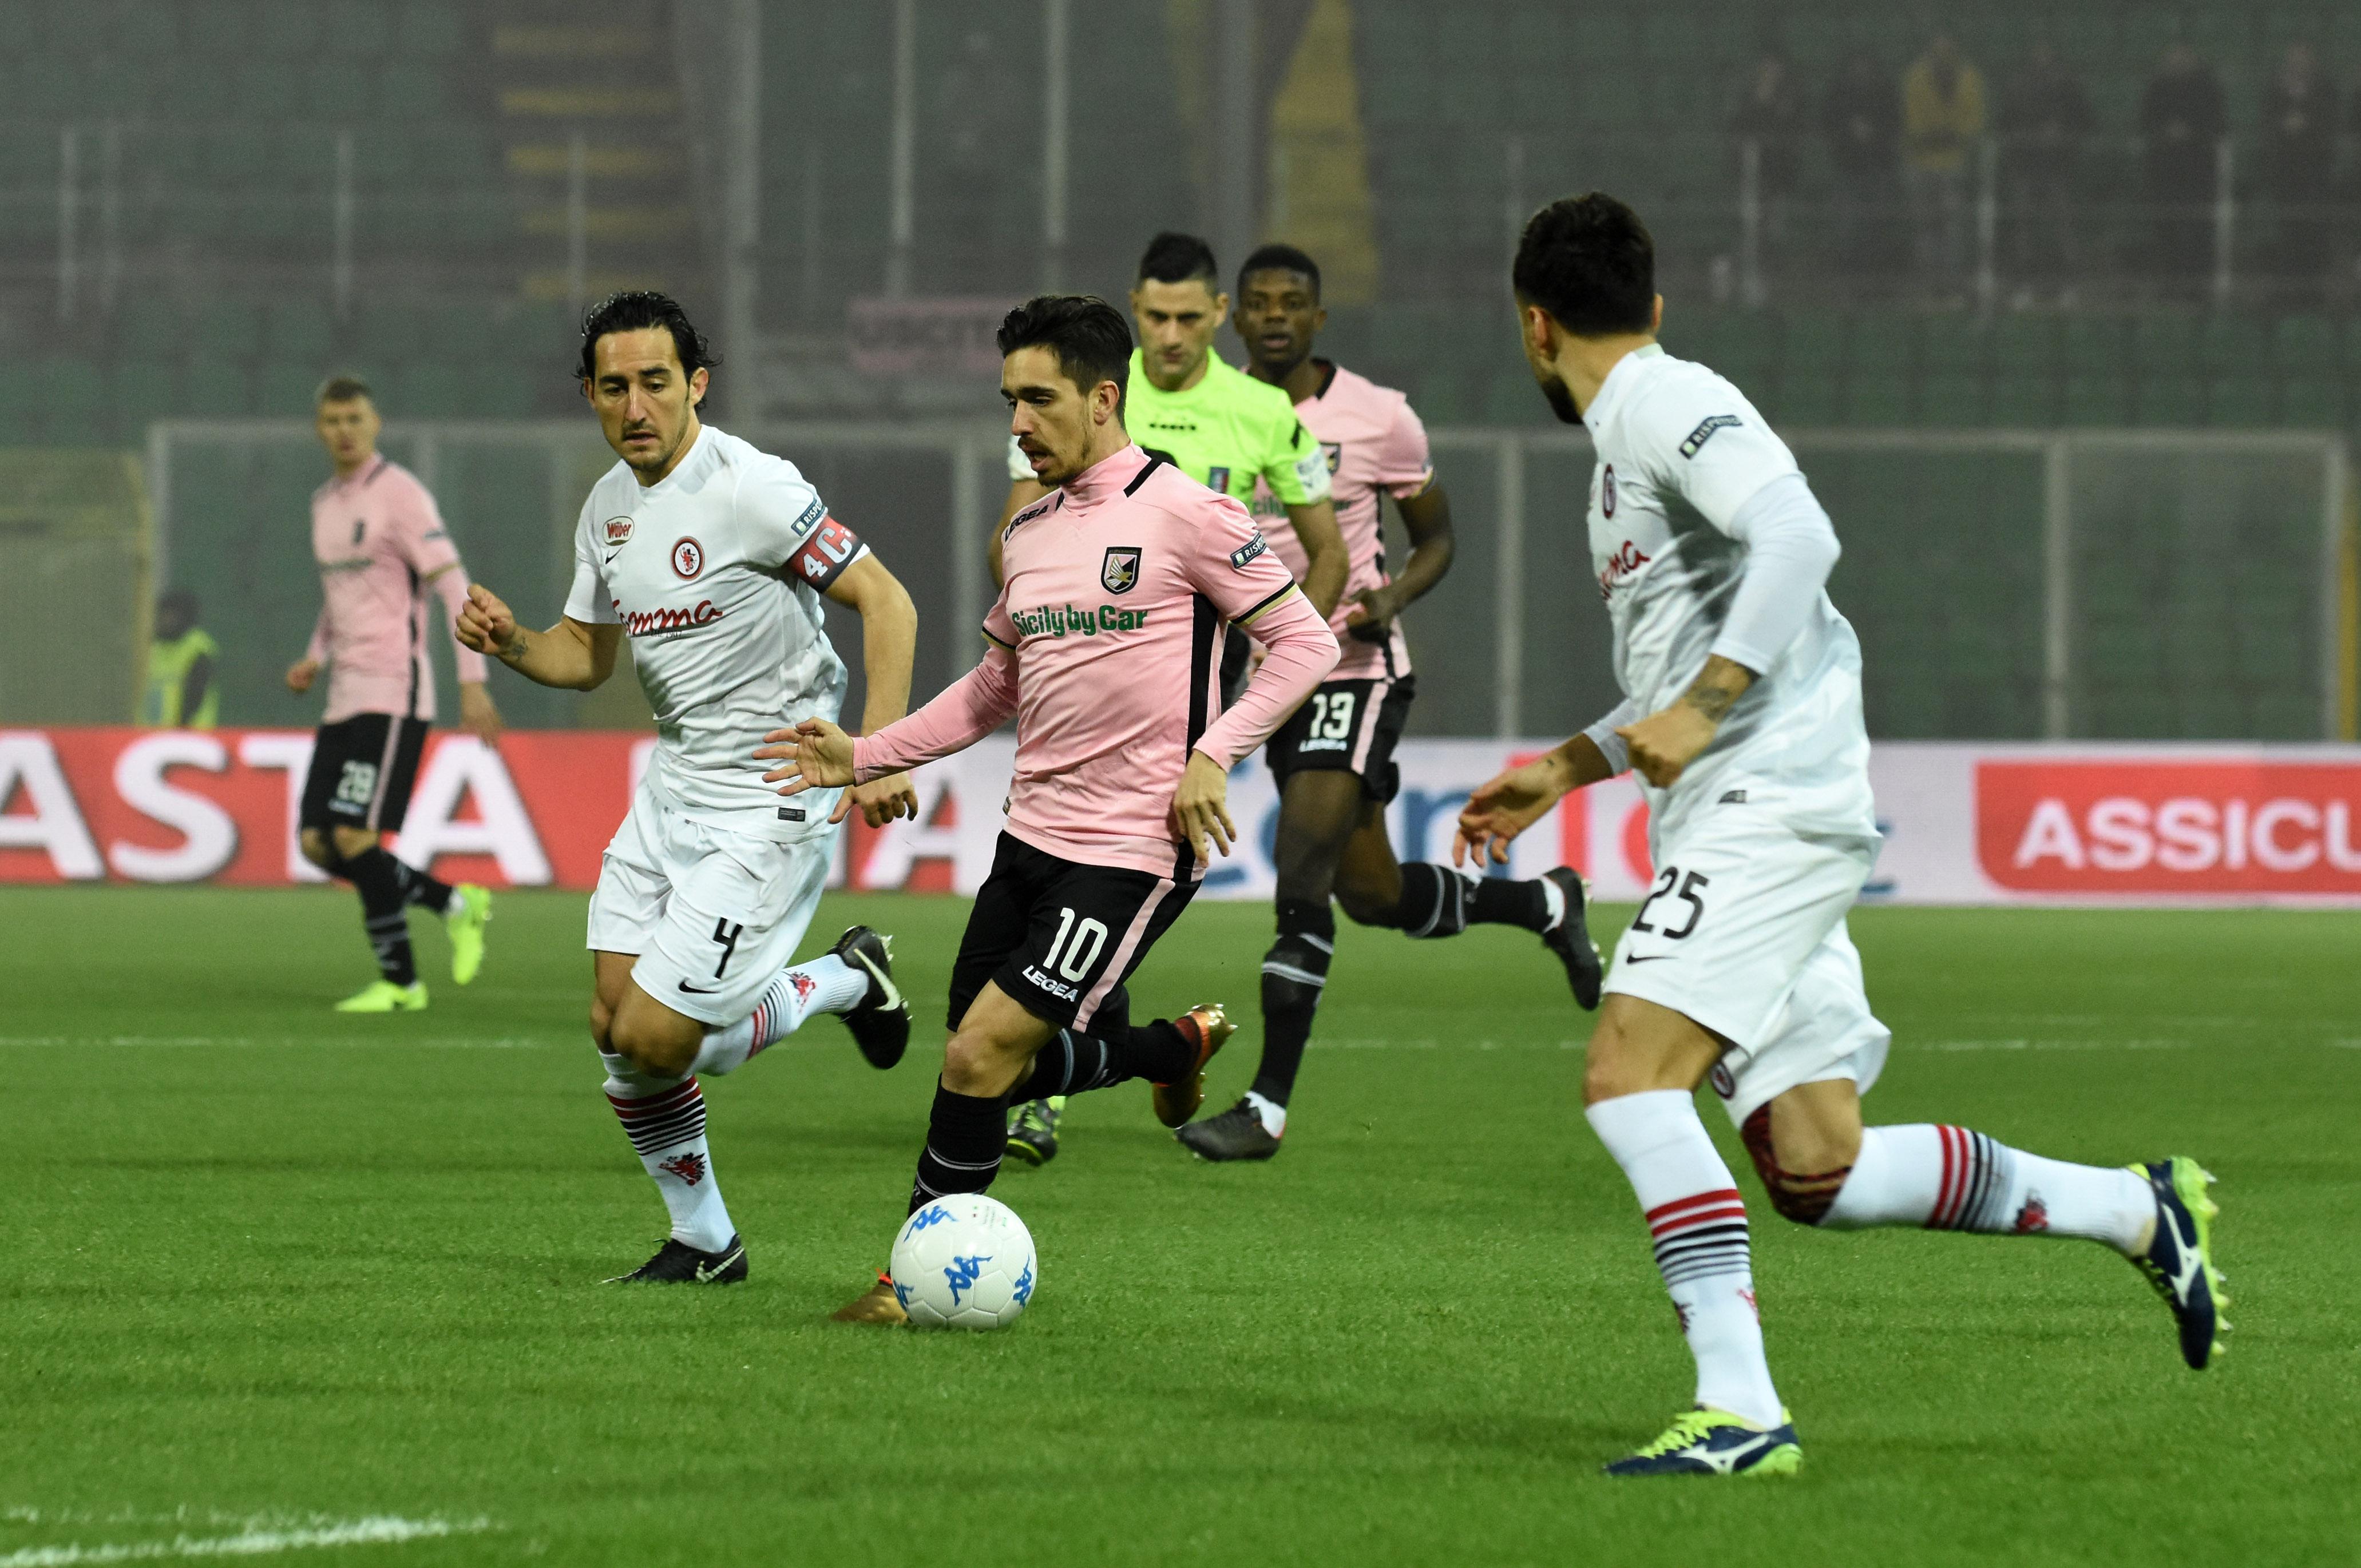 Il Palermo cade in casa 1-2 contro il Foggia. I rosanero devono rifarsi dal 4-0 subito ad Empoli. La squadra di Tedino la sblocca solo con Nestorovski su rigore al ventesimo del secondo tempo. Sembra tutto fatto ma Coronado si fa espellere per un'entrataccia e il Foggia, sfruttando la superiorità numerica, in sei minuti fa due gol e vince la partita. LA CRONACA DEL MATCH LE PAGELLE DI GUIDO MONASTRA GLI HIGHLIGHTS IL POST-PARTITA